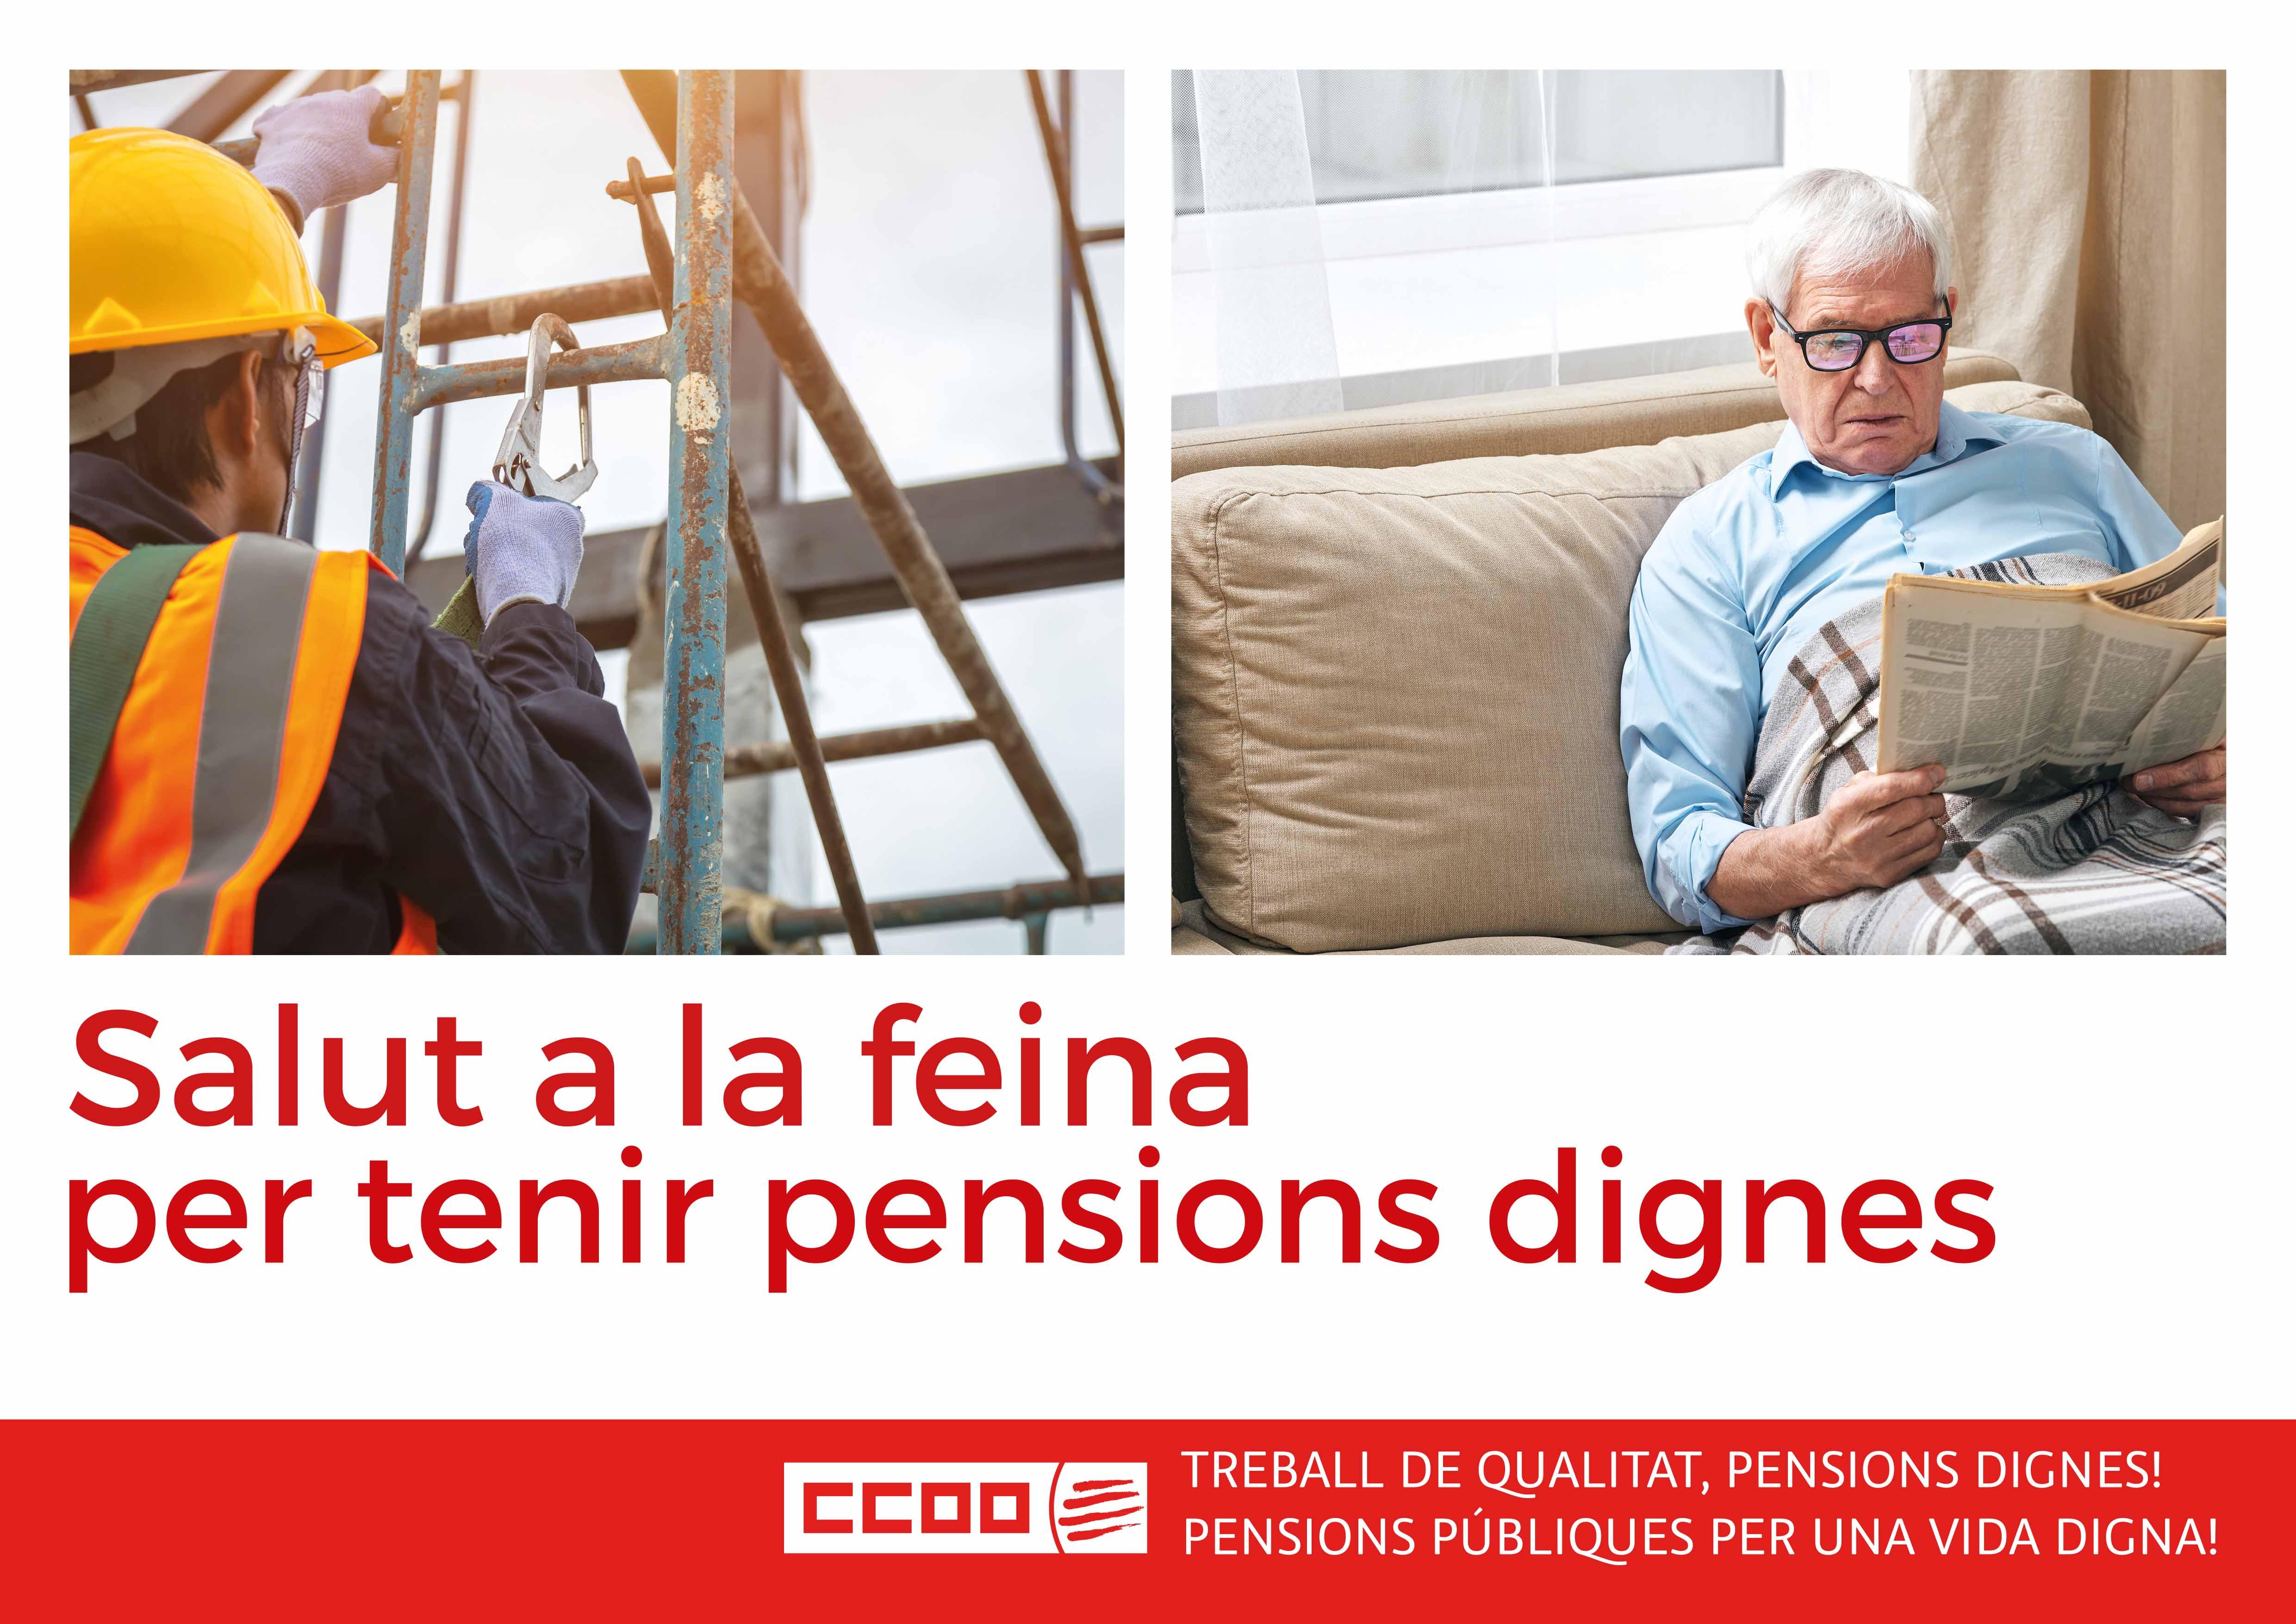 Salut a la feina per tenir pensions dignes